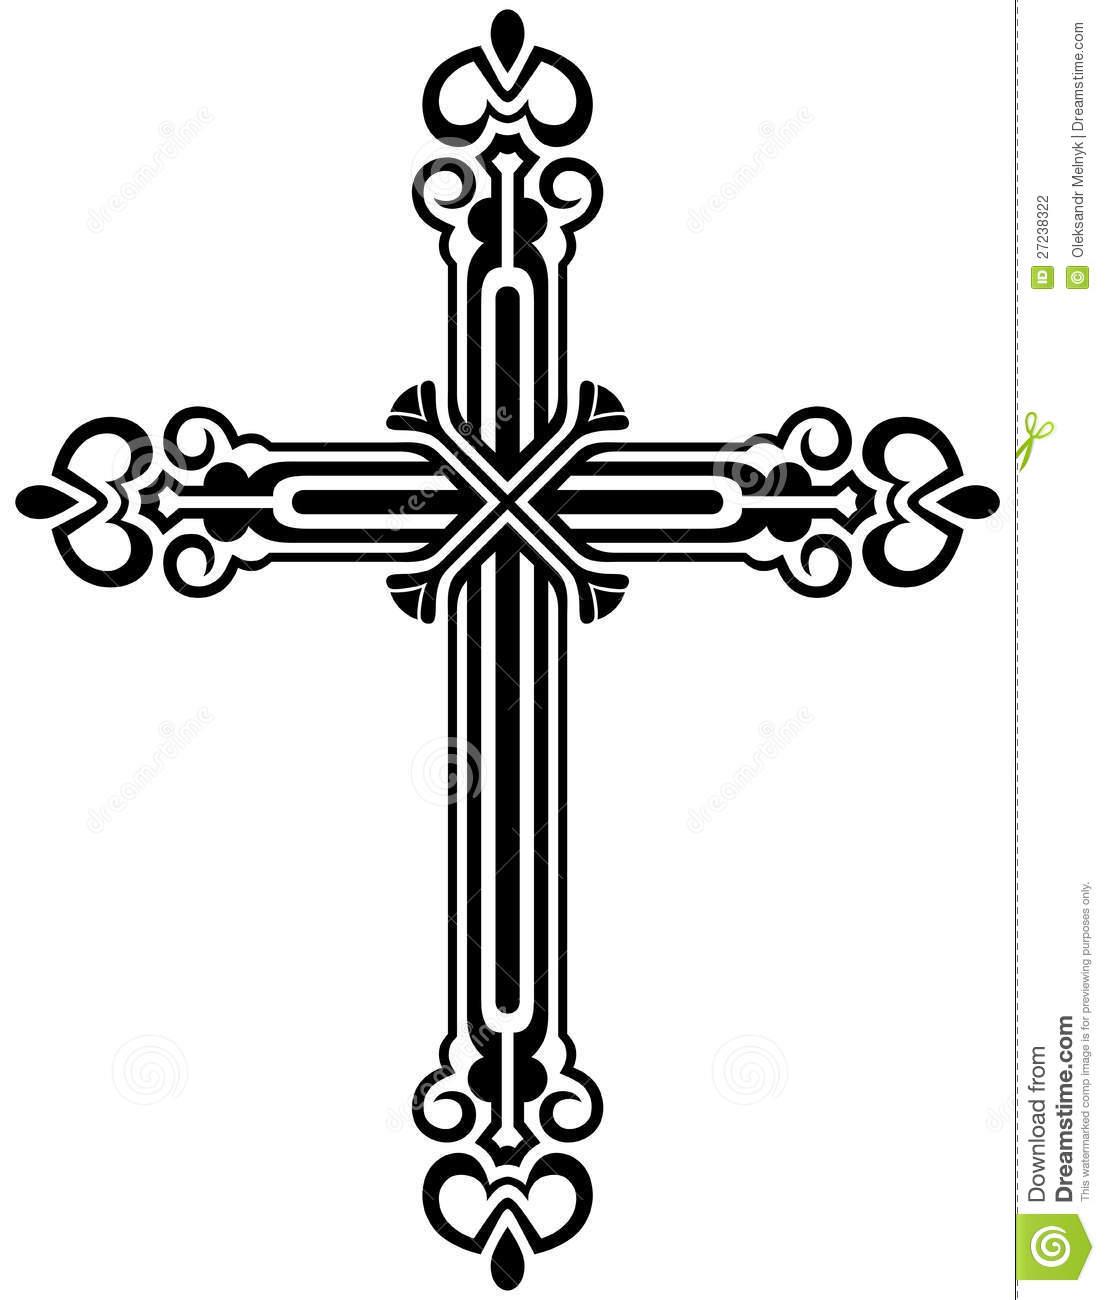 Christian Cross Designs Clip Art